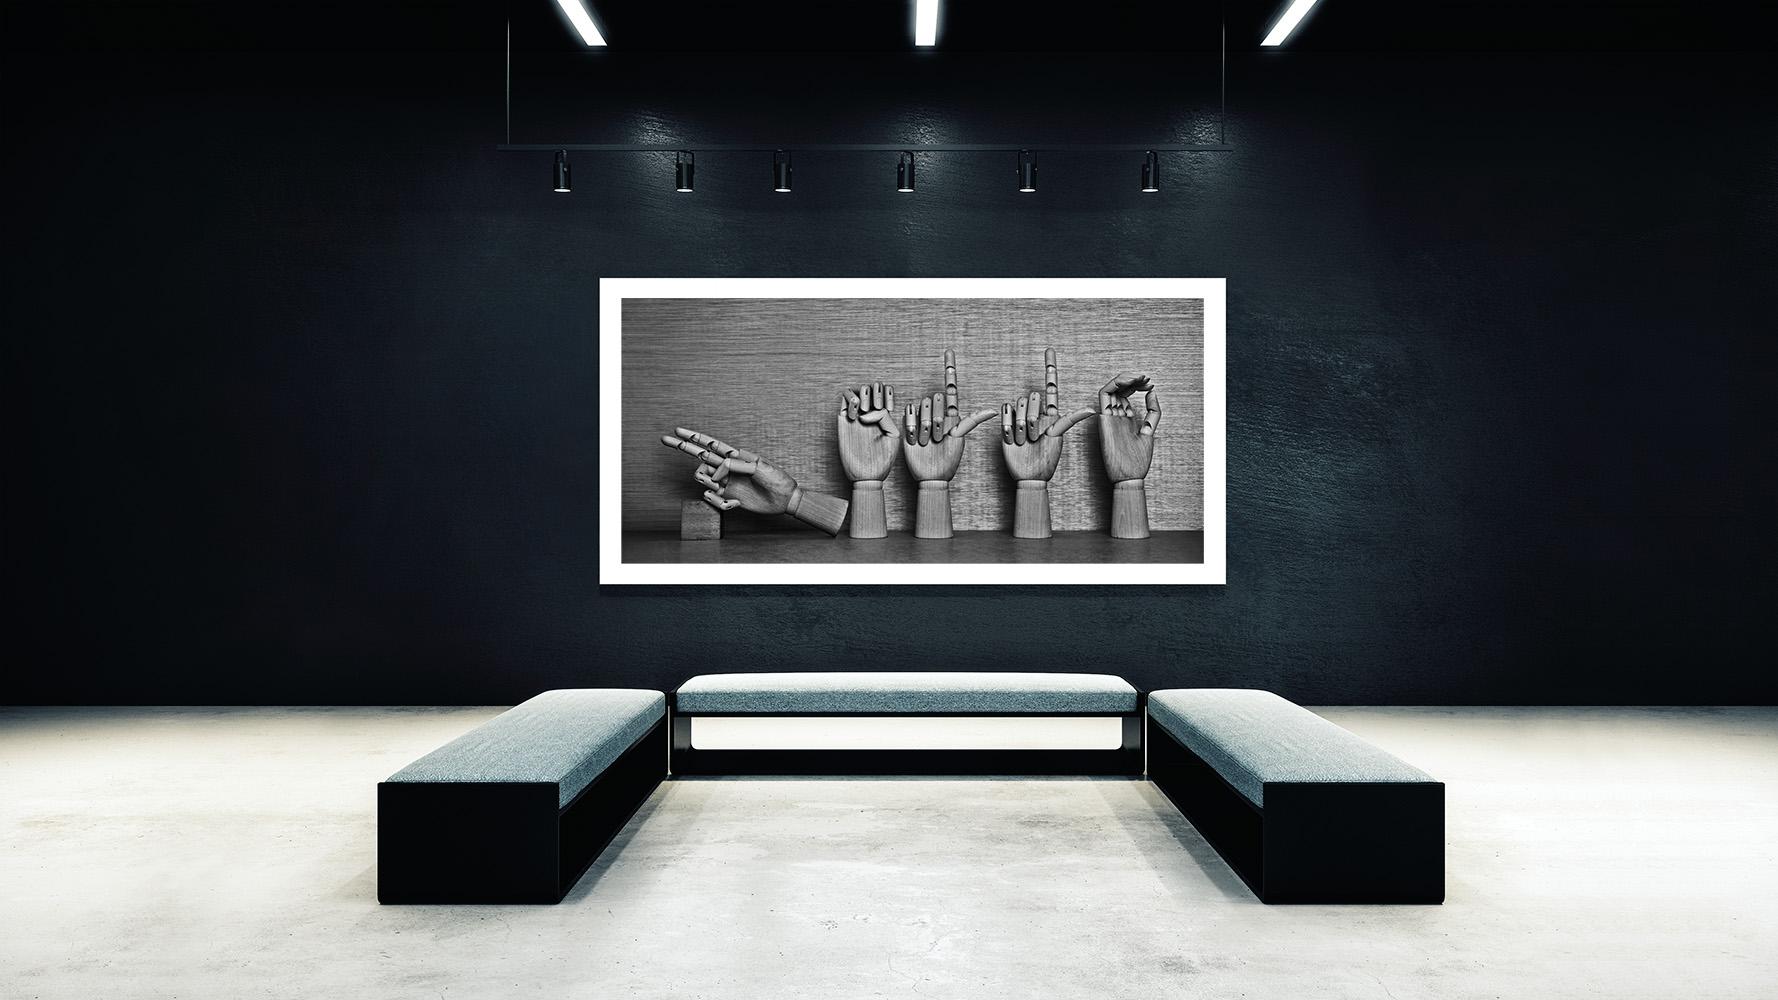 Viktor-van-der-lak-hello-word-exposicion-talk-to-me-Horno-Virtual-Gallery-galeria-arte-fotografia-artistica-edicion-limitada-decoracion